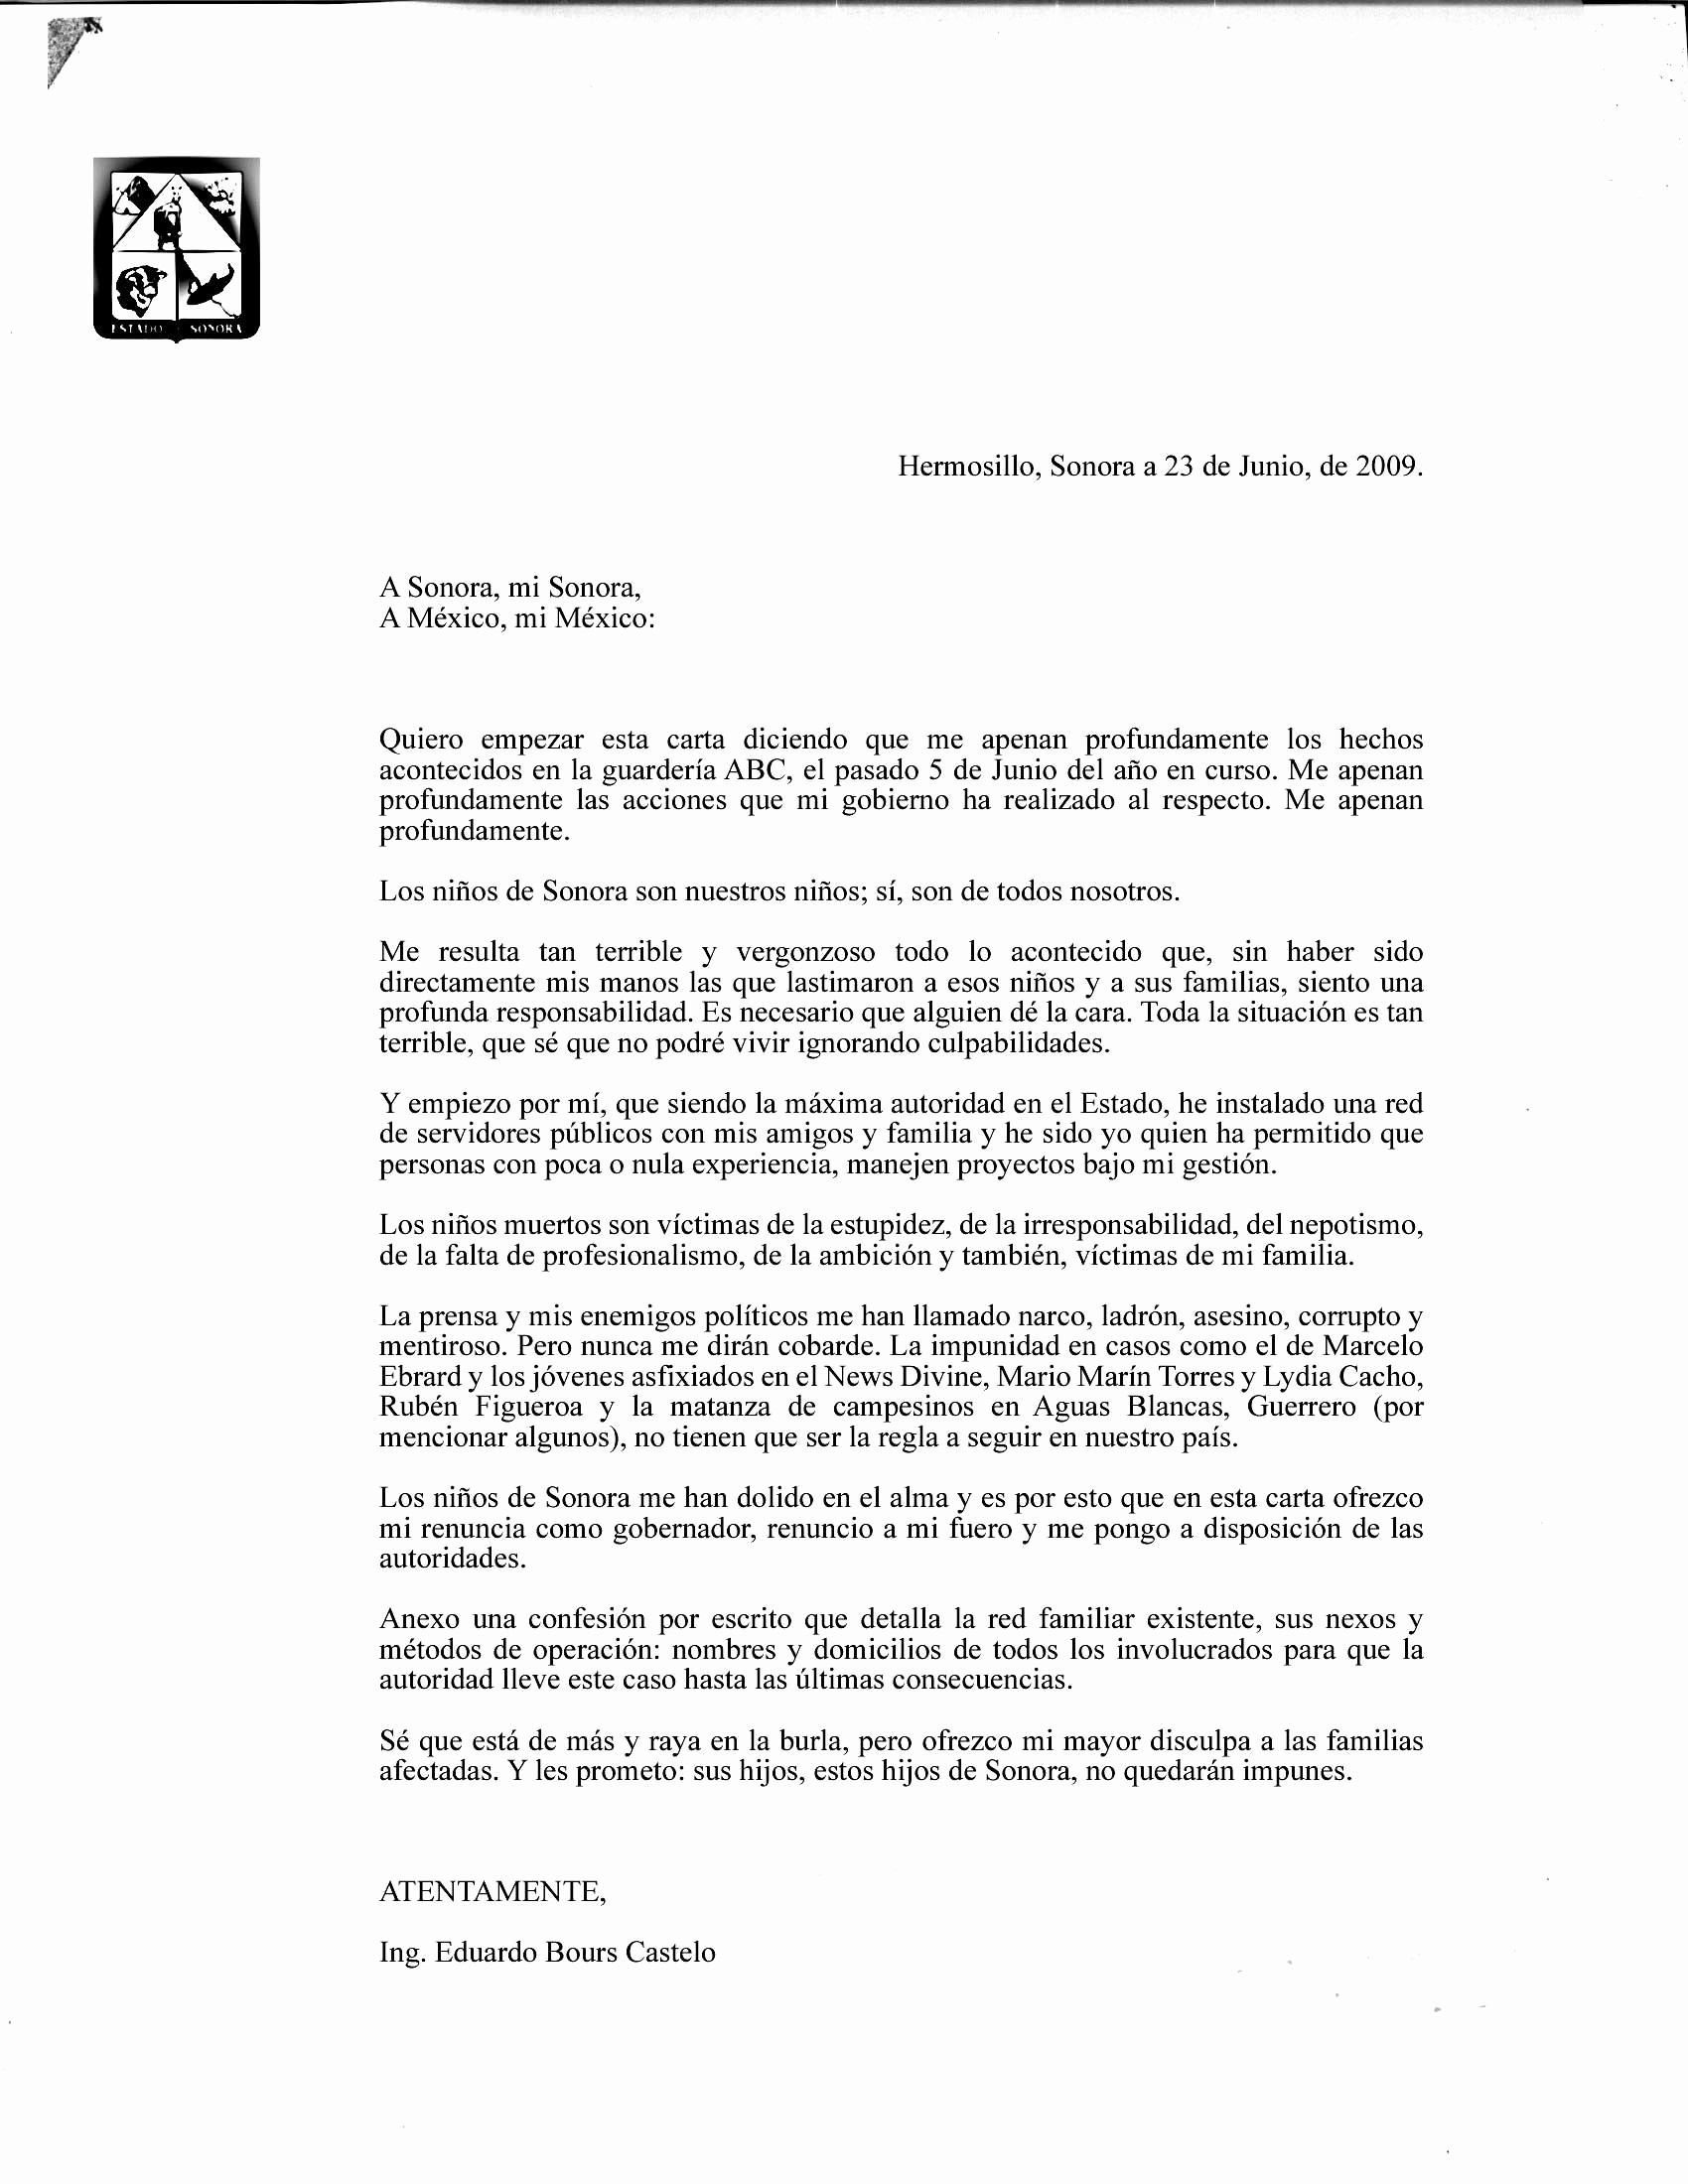 Formato De Carta De Renuncia Unique formato Carta Renuncia Word Mexico